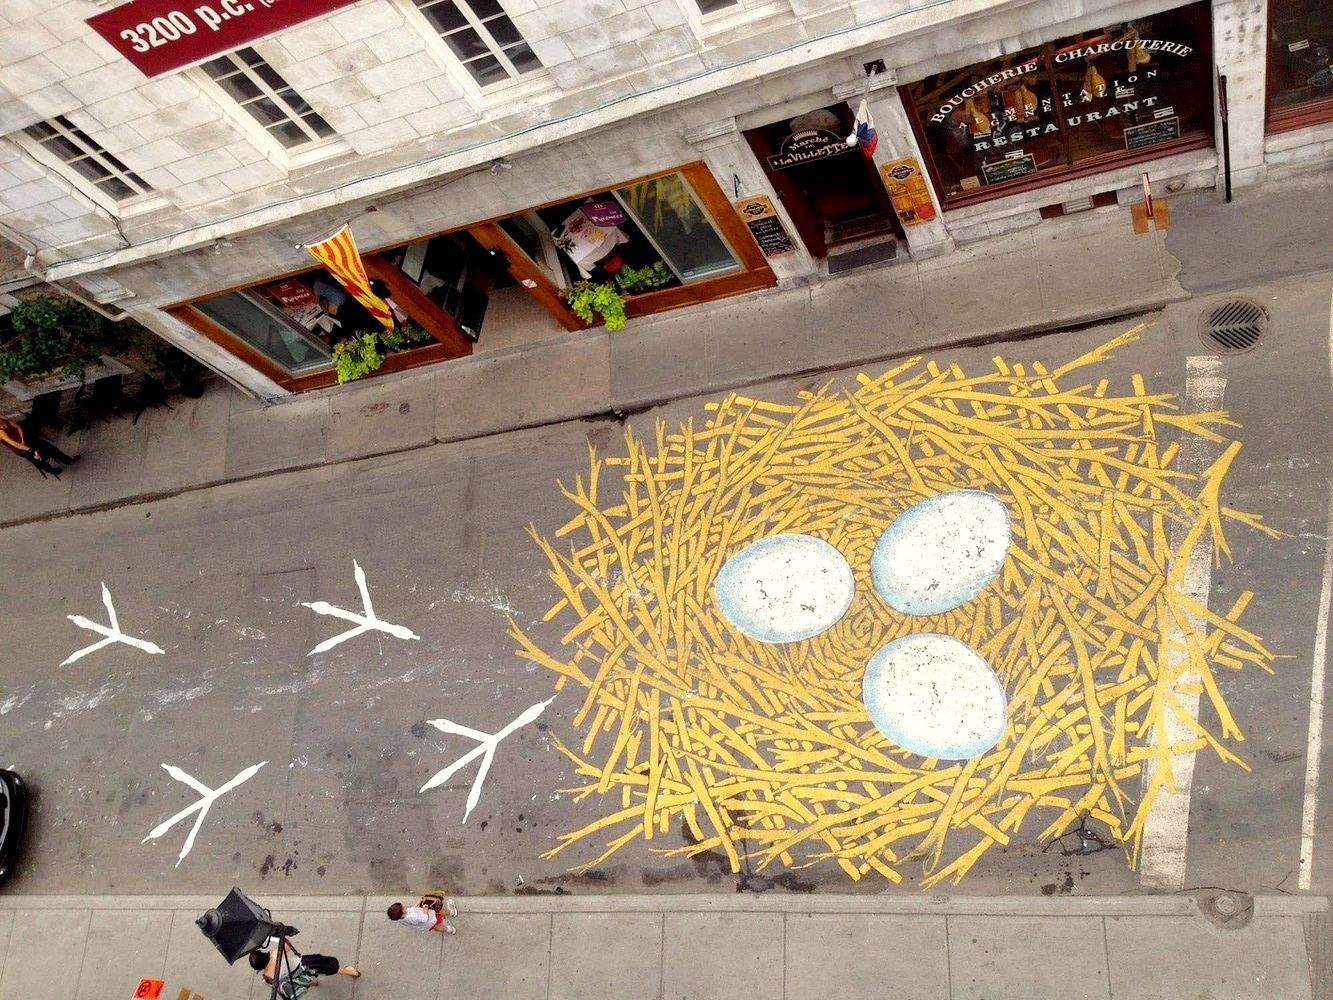 Современное искусство на дорогах Монреаля